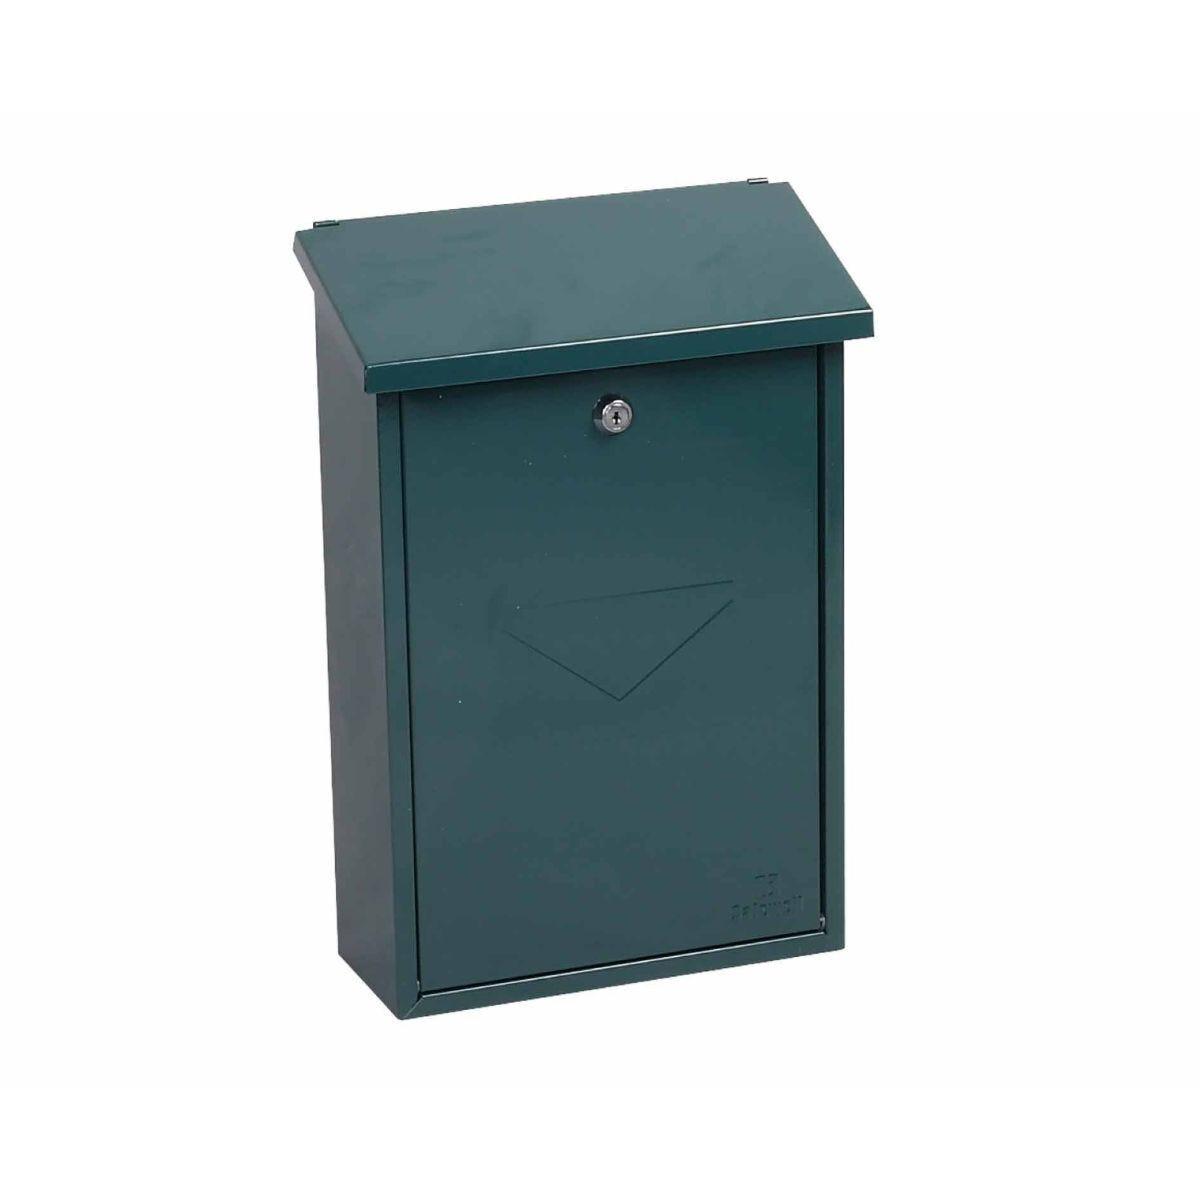 Phoenix Villa MB0114KB Top Loading Mailbox with Key Lock Green